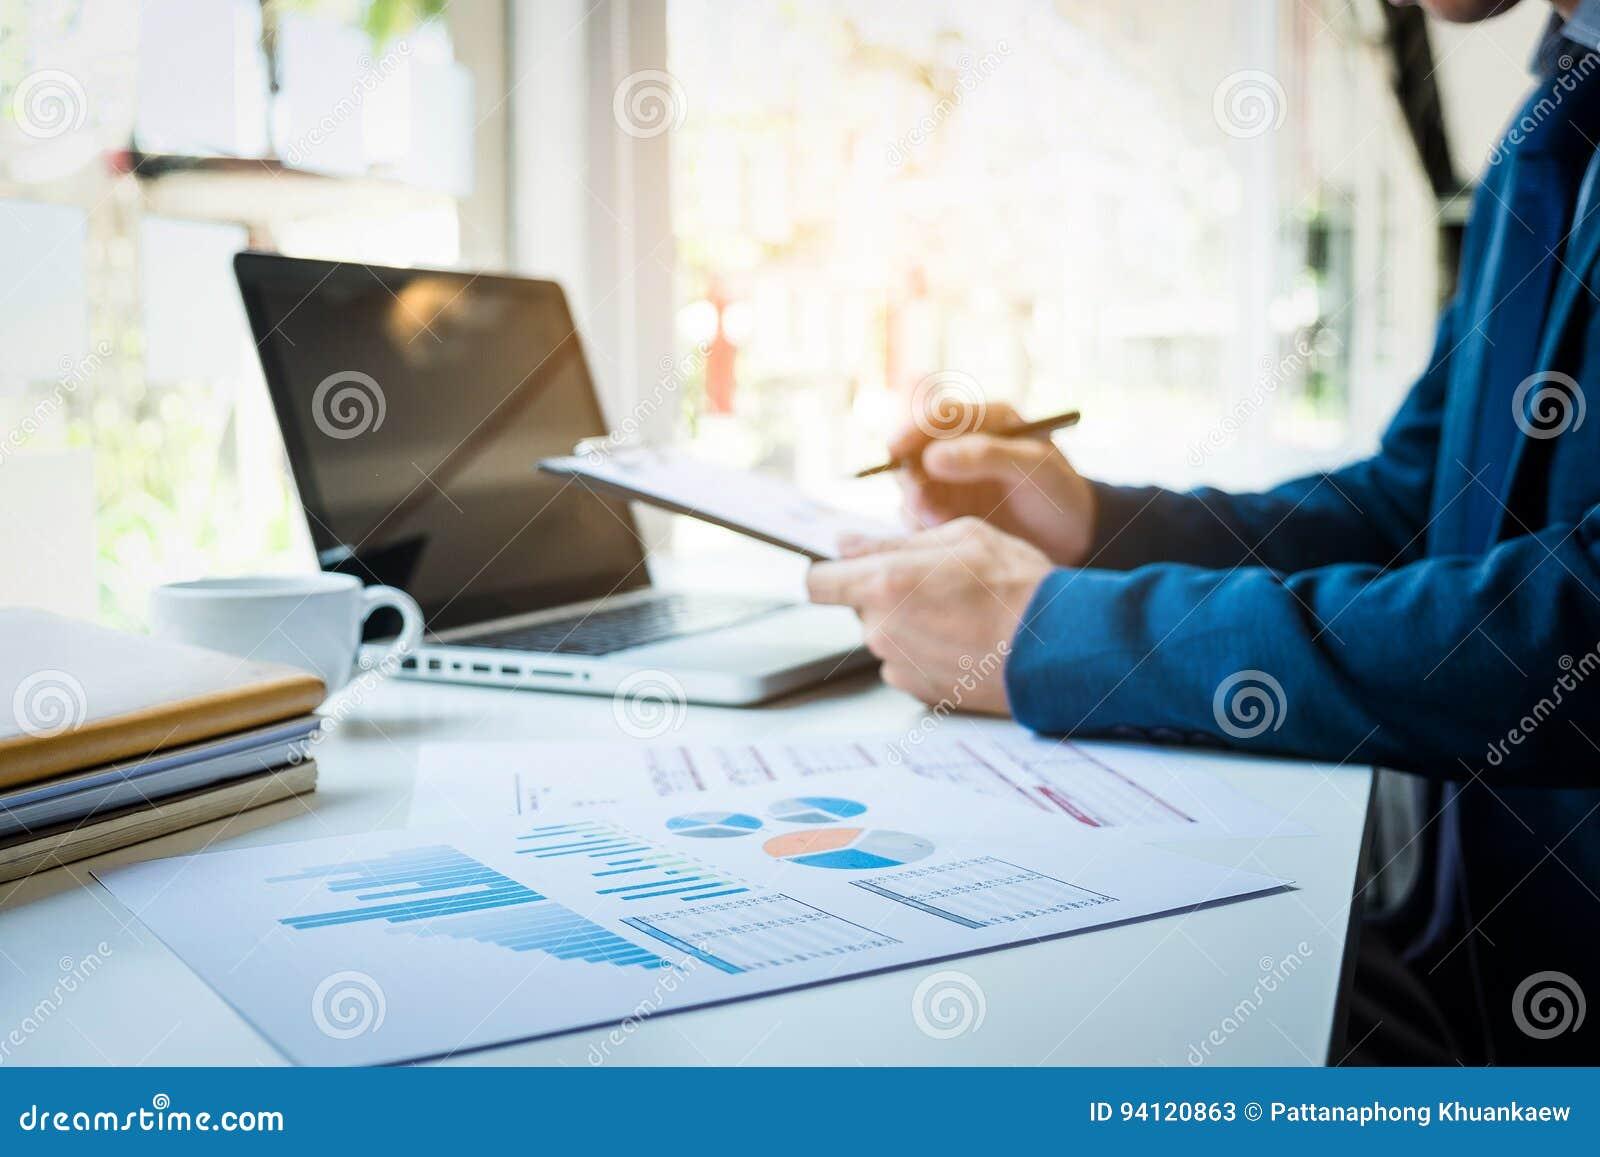 Bilder des Geschäftsmannes arbeitend im Büro mit Laptop und documen